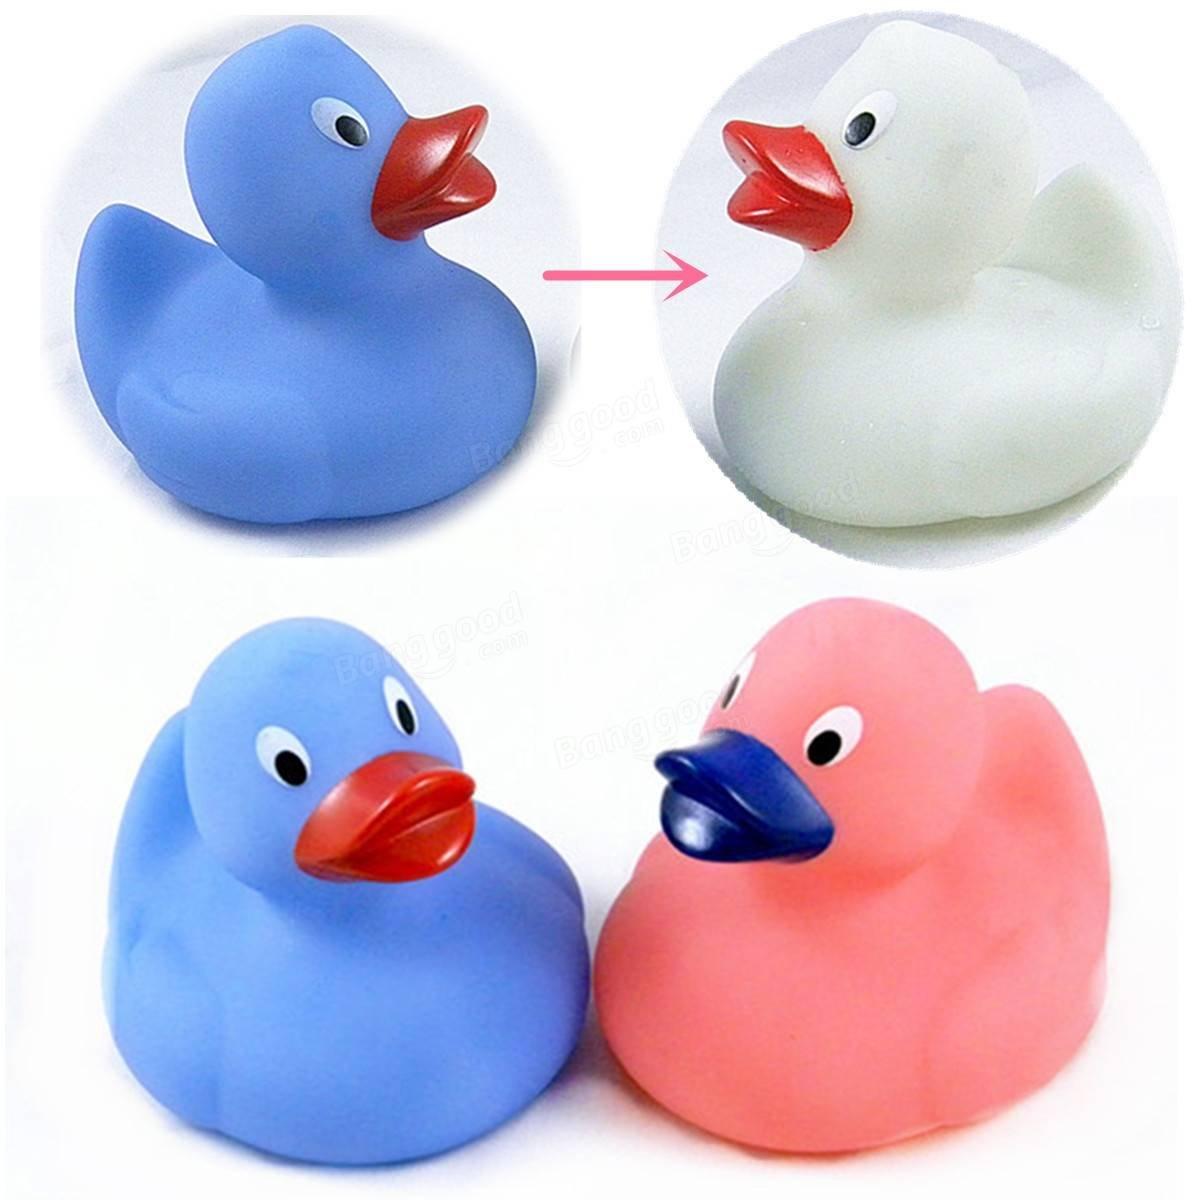 Paleo 1pcs de la ducha del bebé flotador de pato medir la temperatura del agua cambia de color de sonido chirriante de goma de juguete: Amazon.es: Hogar